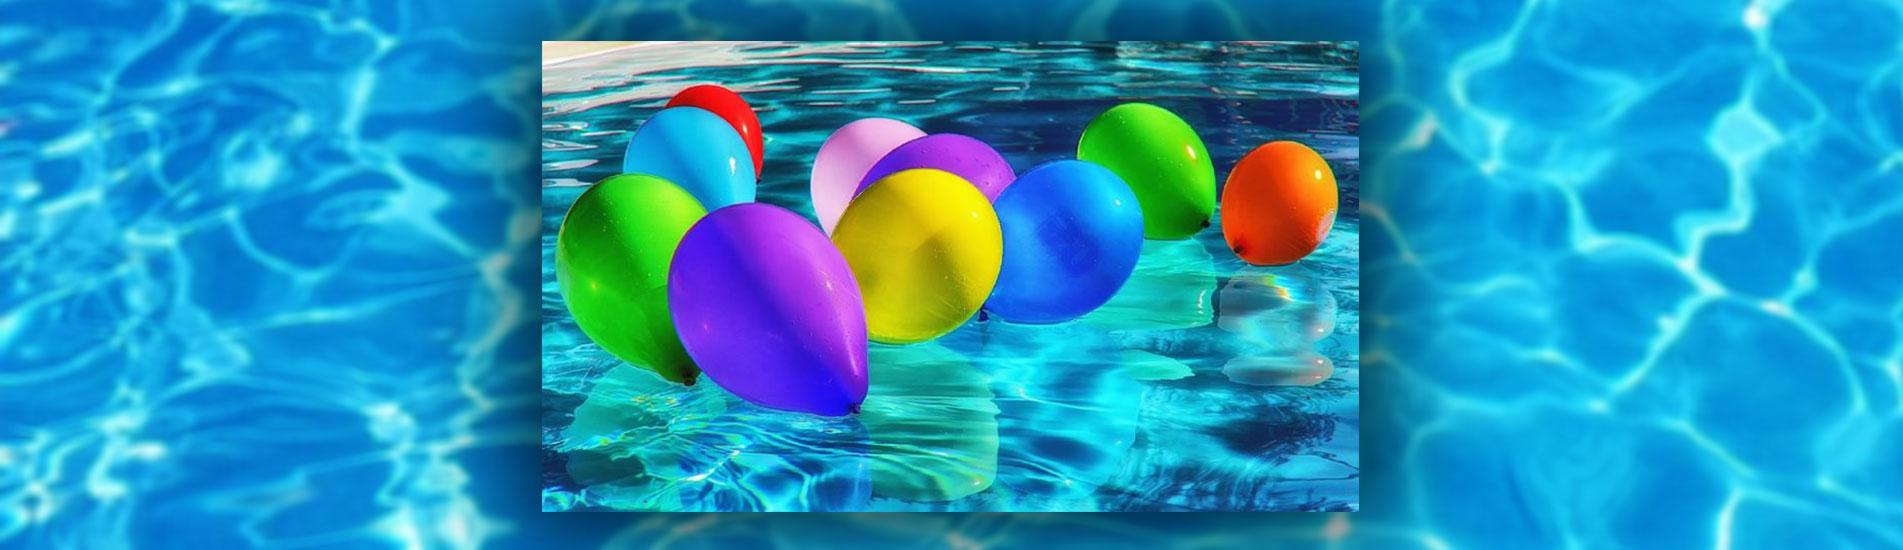 Απολαμβάνω την πισίνα με κανόνες!